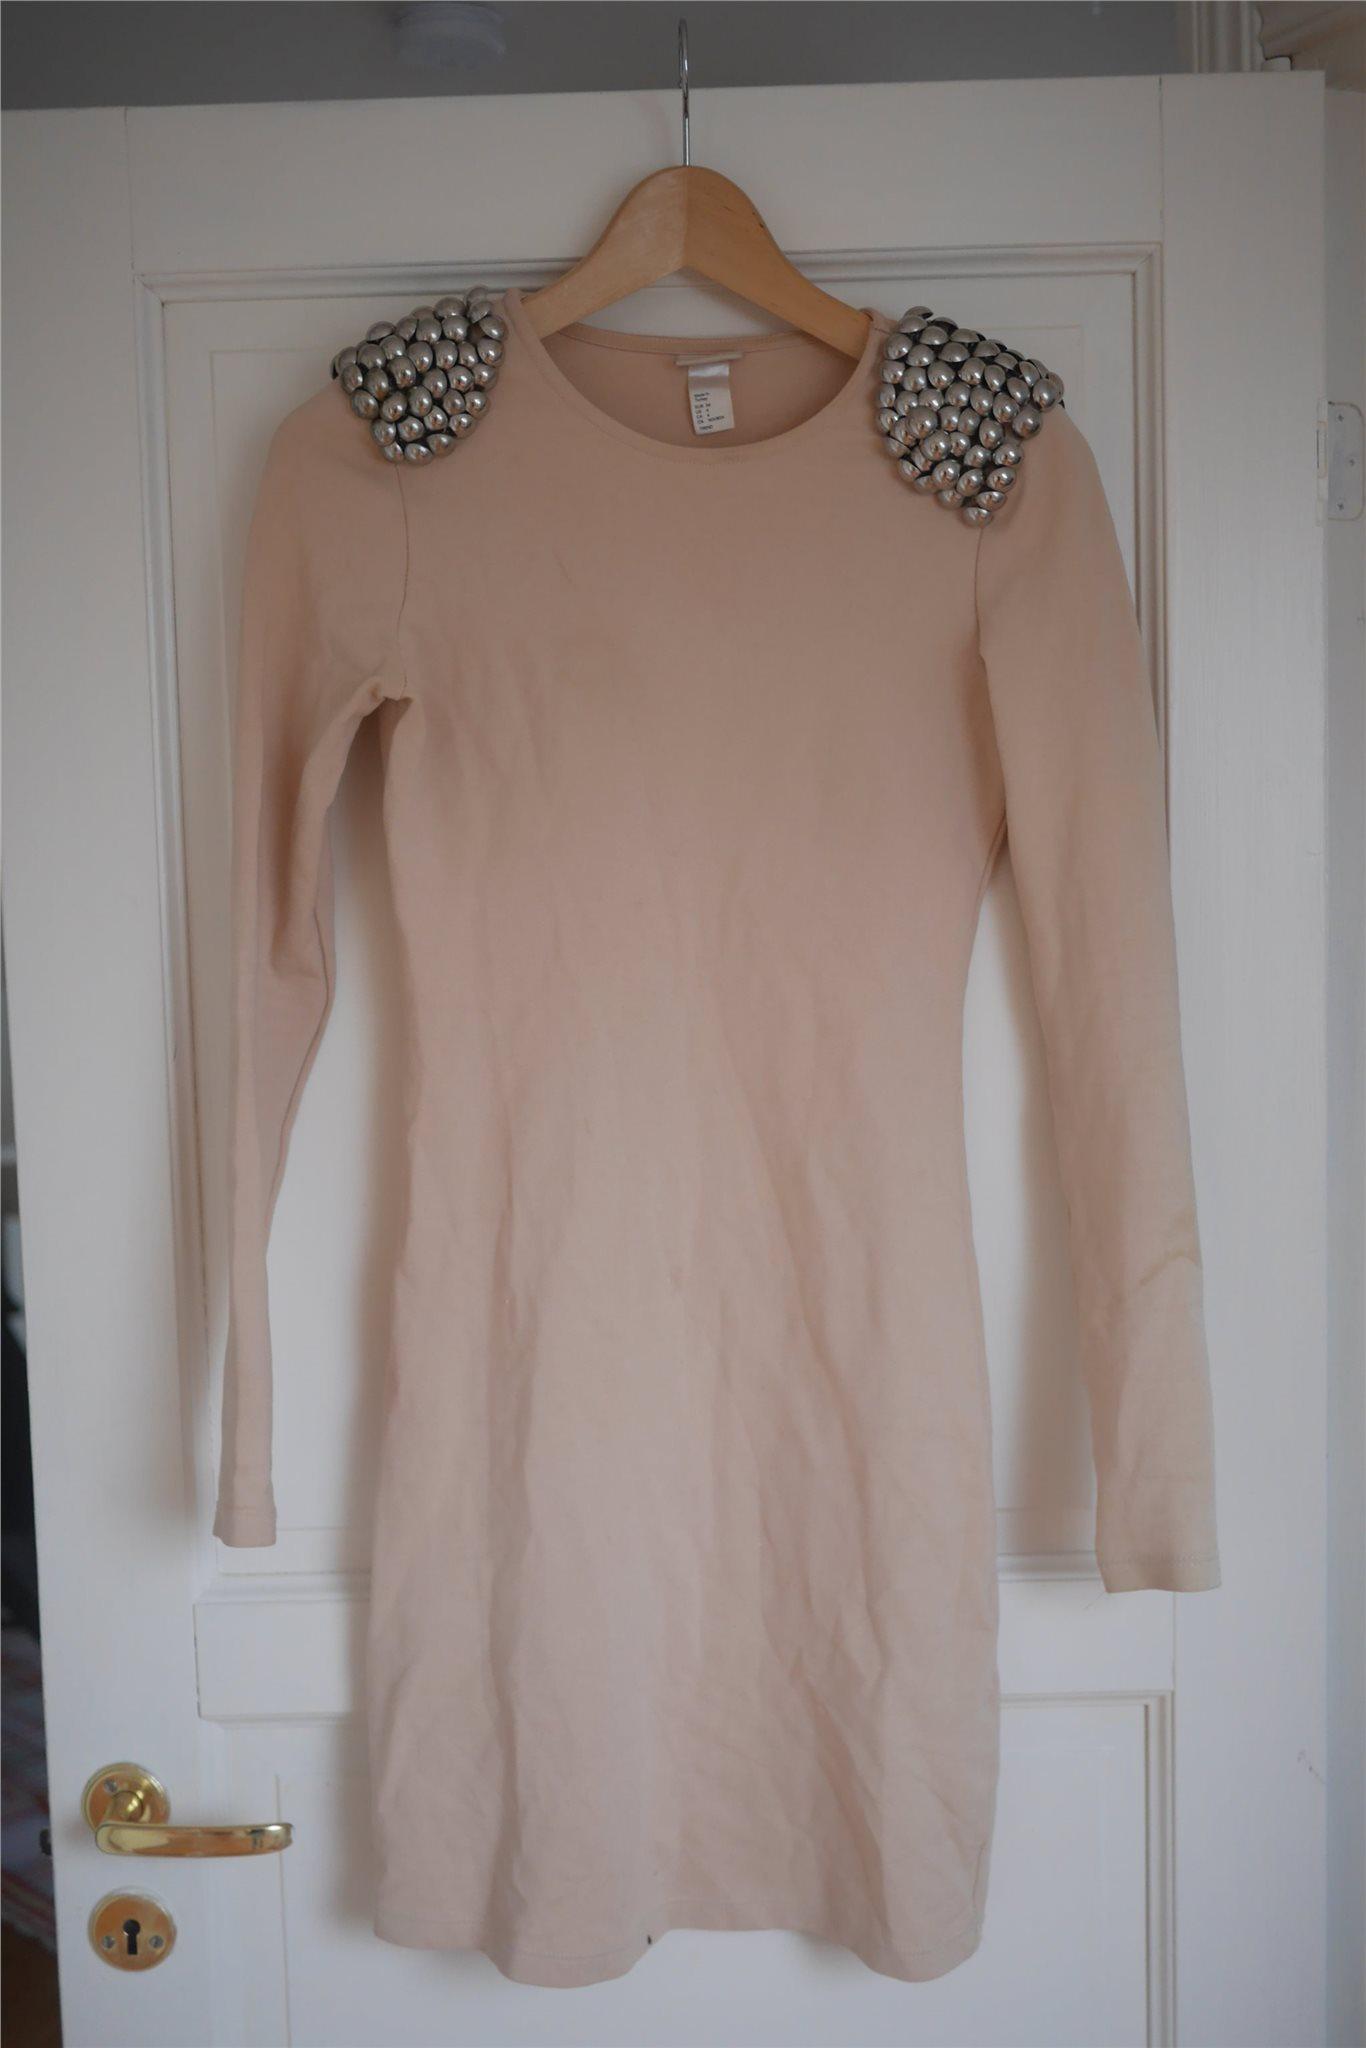 Ljus beige/rosa kort tight klänning med nitar från H&M TREND, stl 34